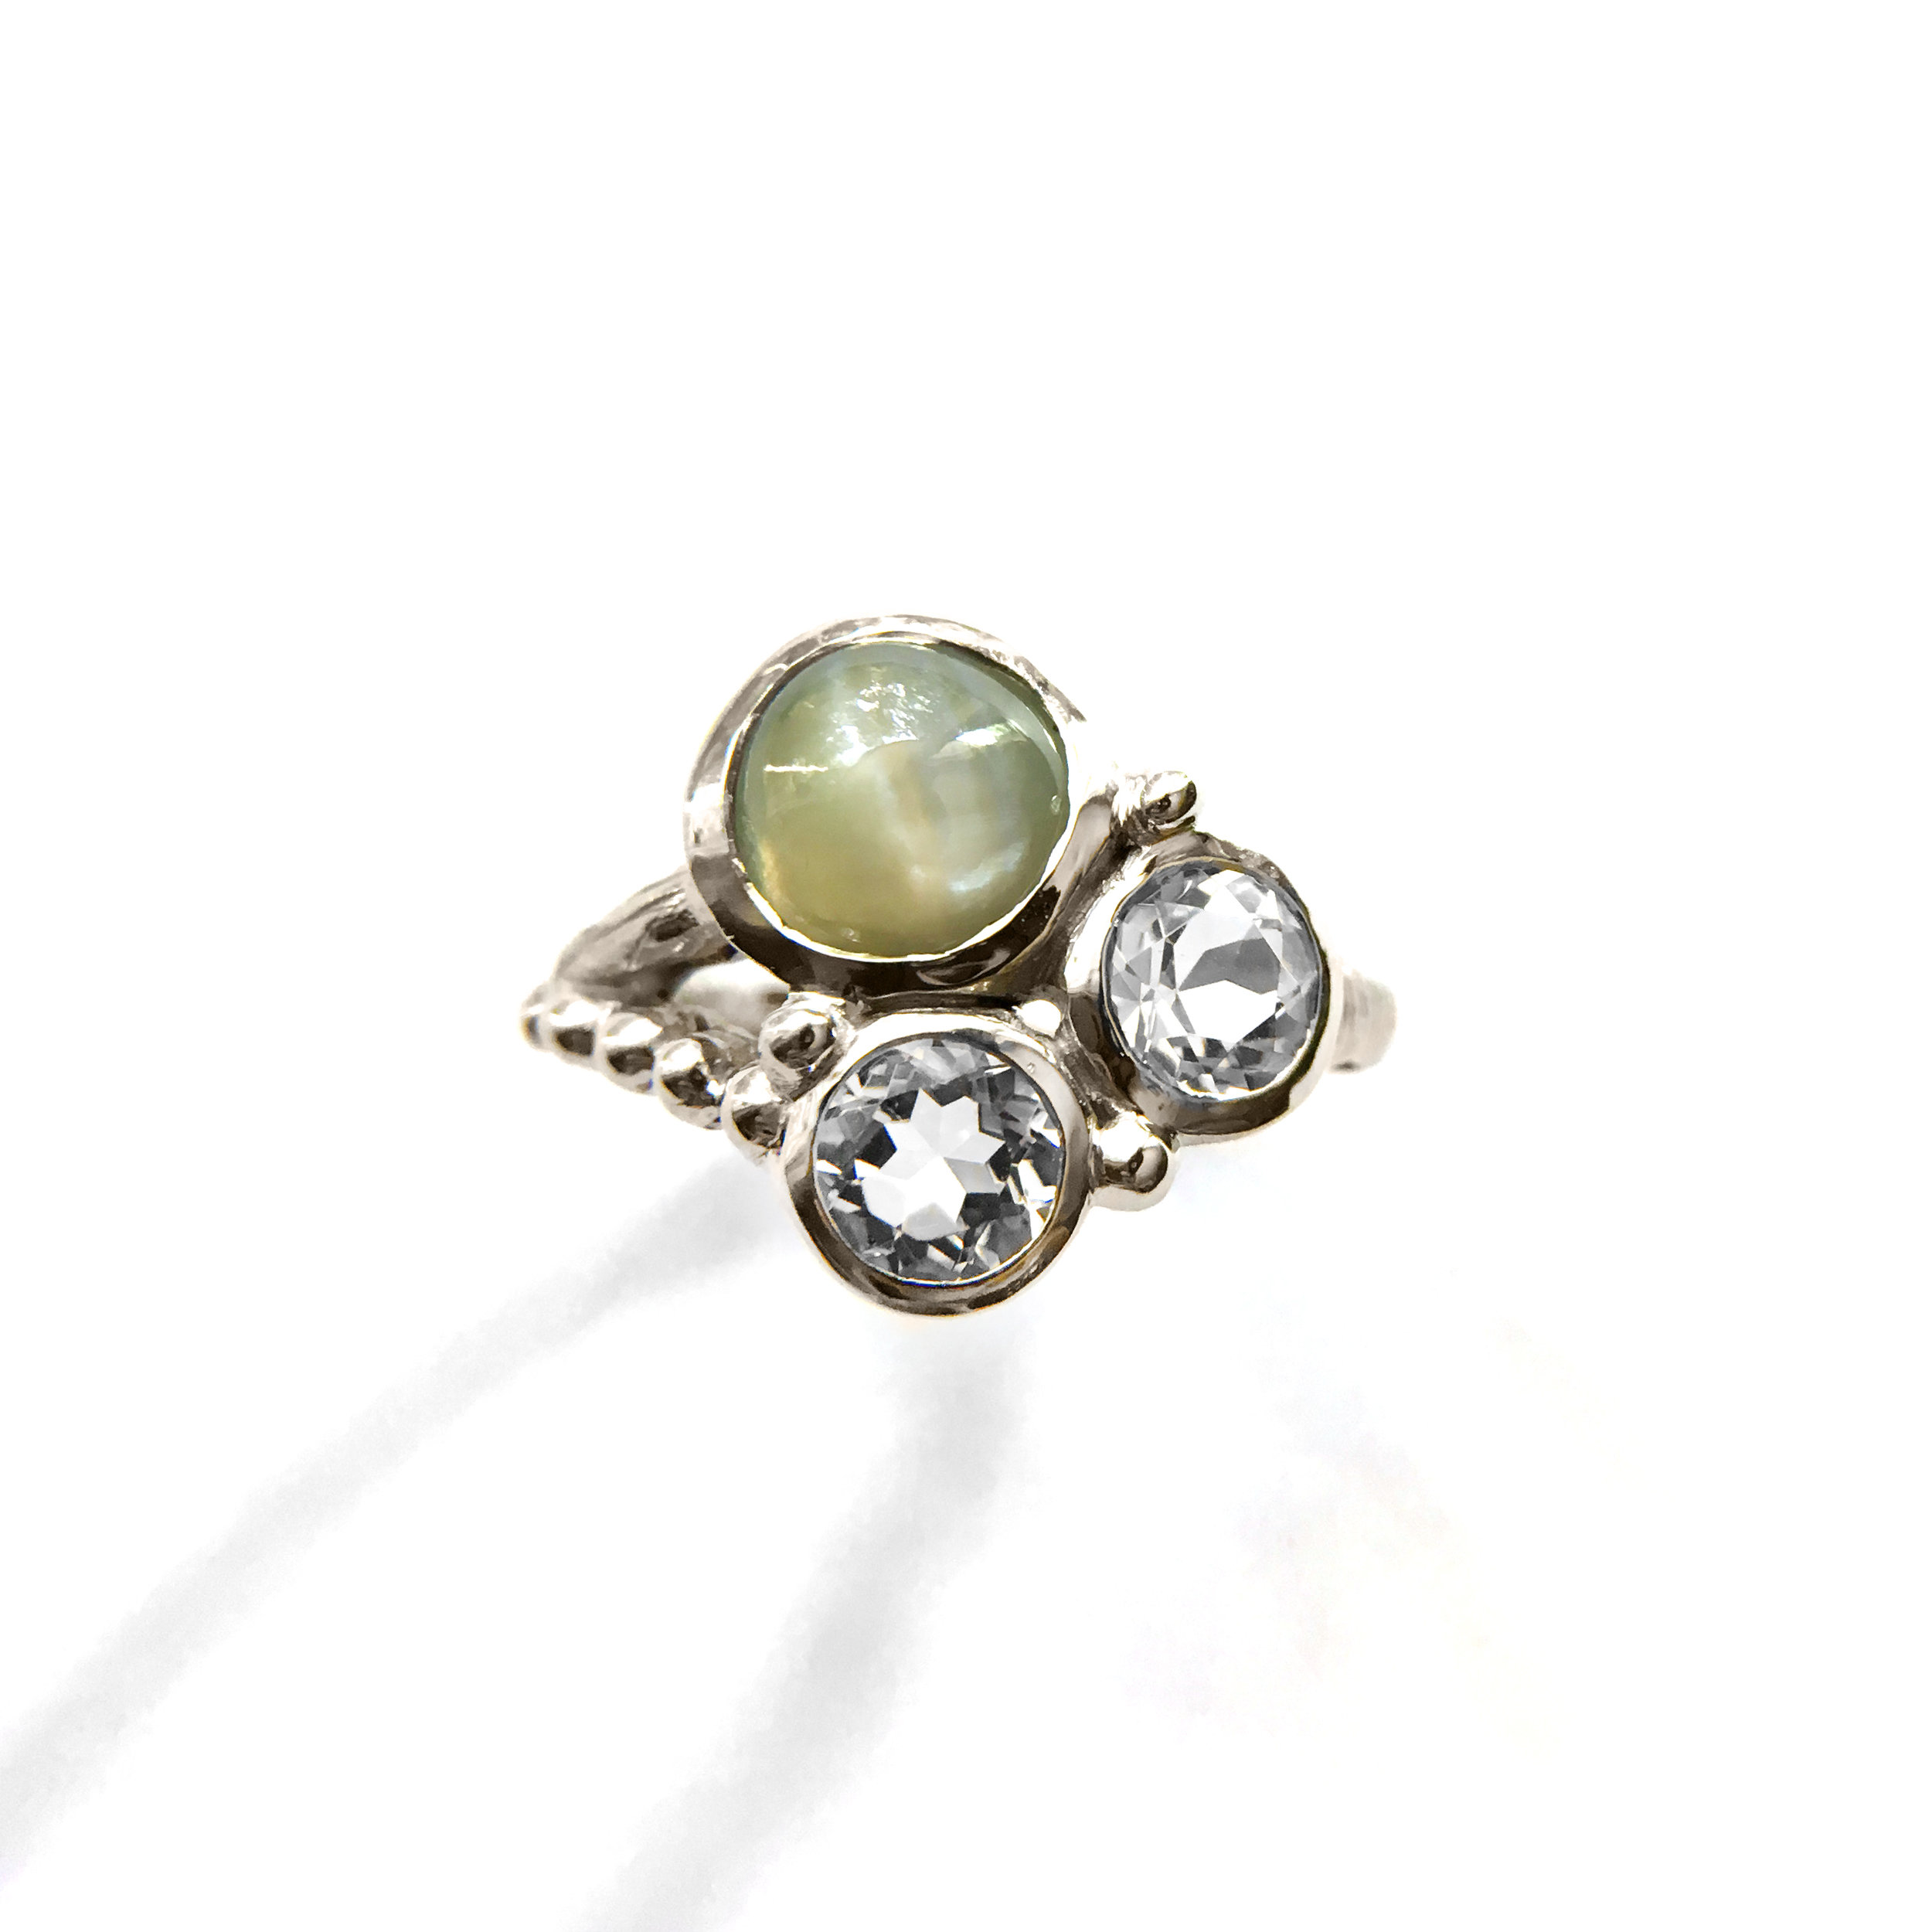 10K White Gold 3 Stones Ring